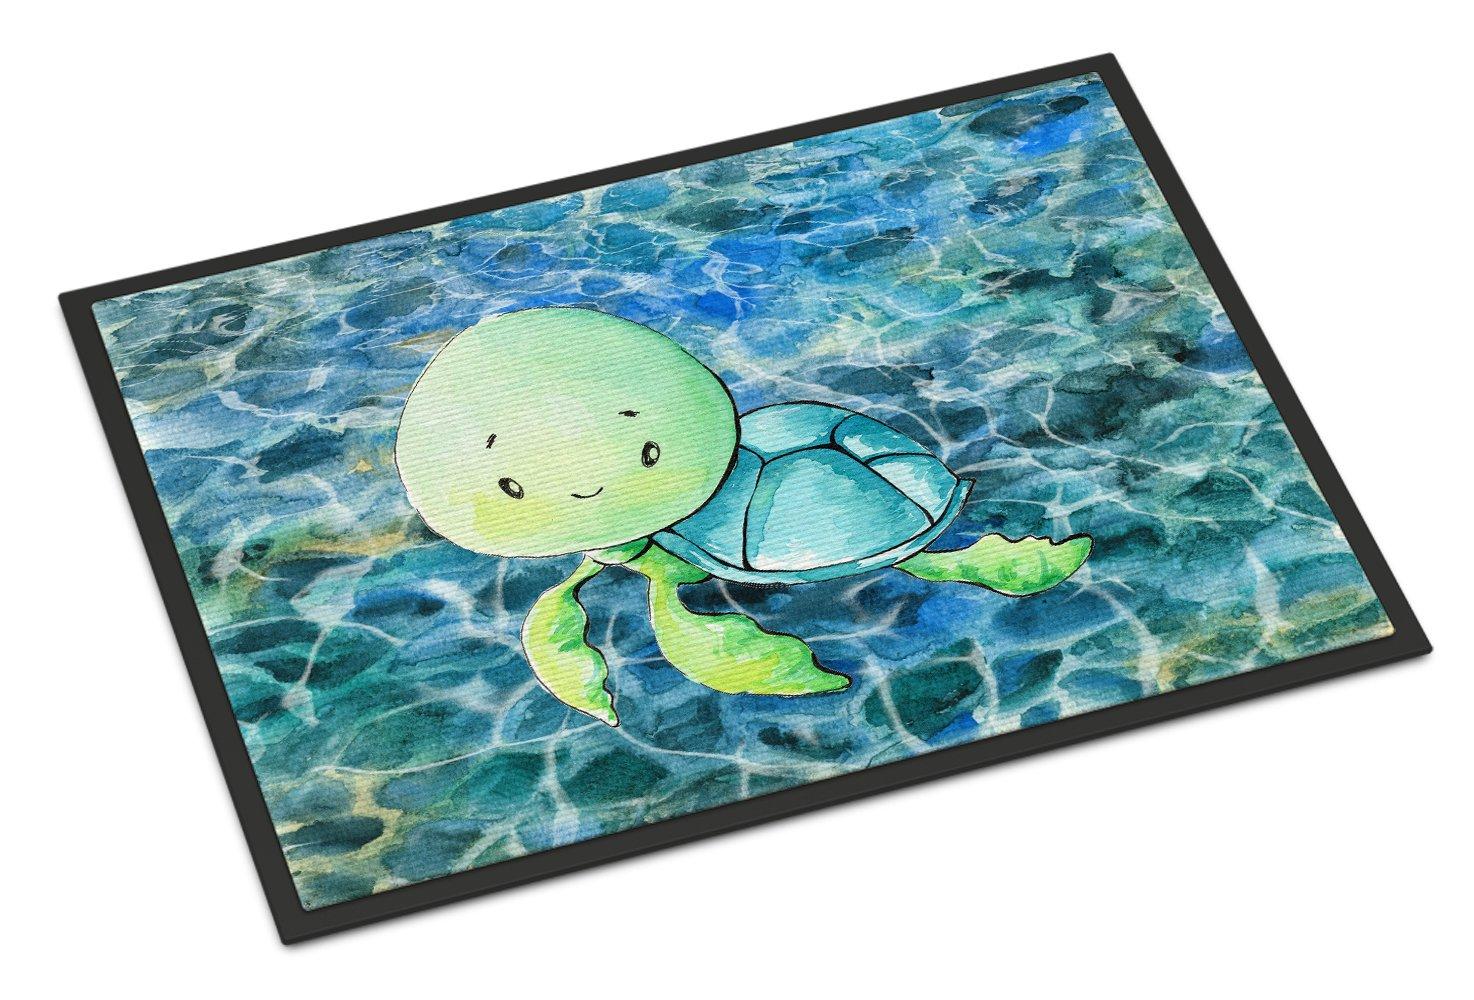 Carolines Treasures Sea Turtle Doormat 24 x 36 Multicolor